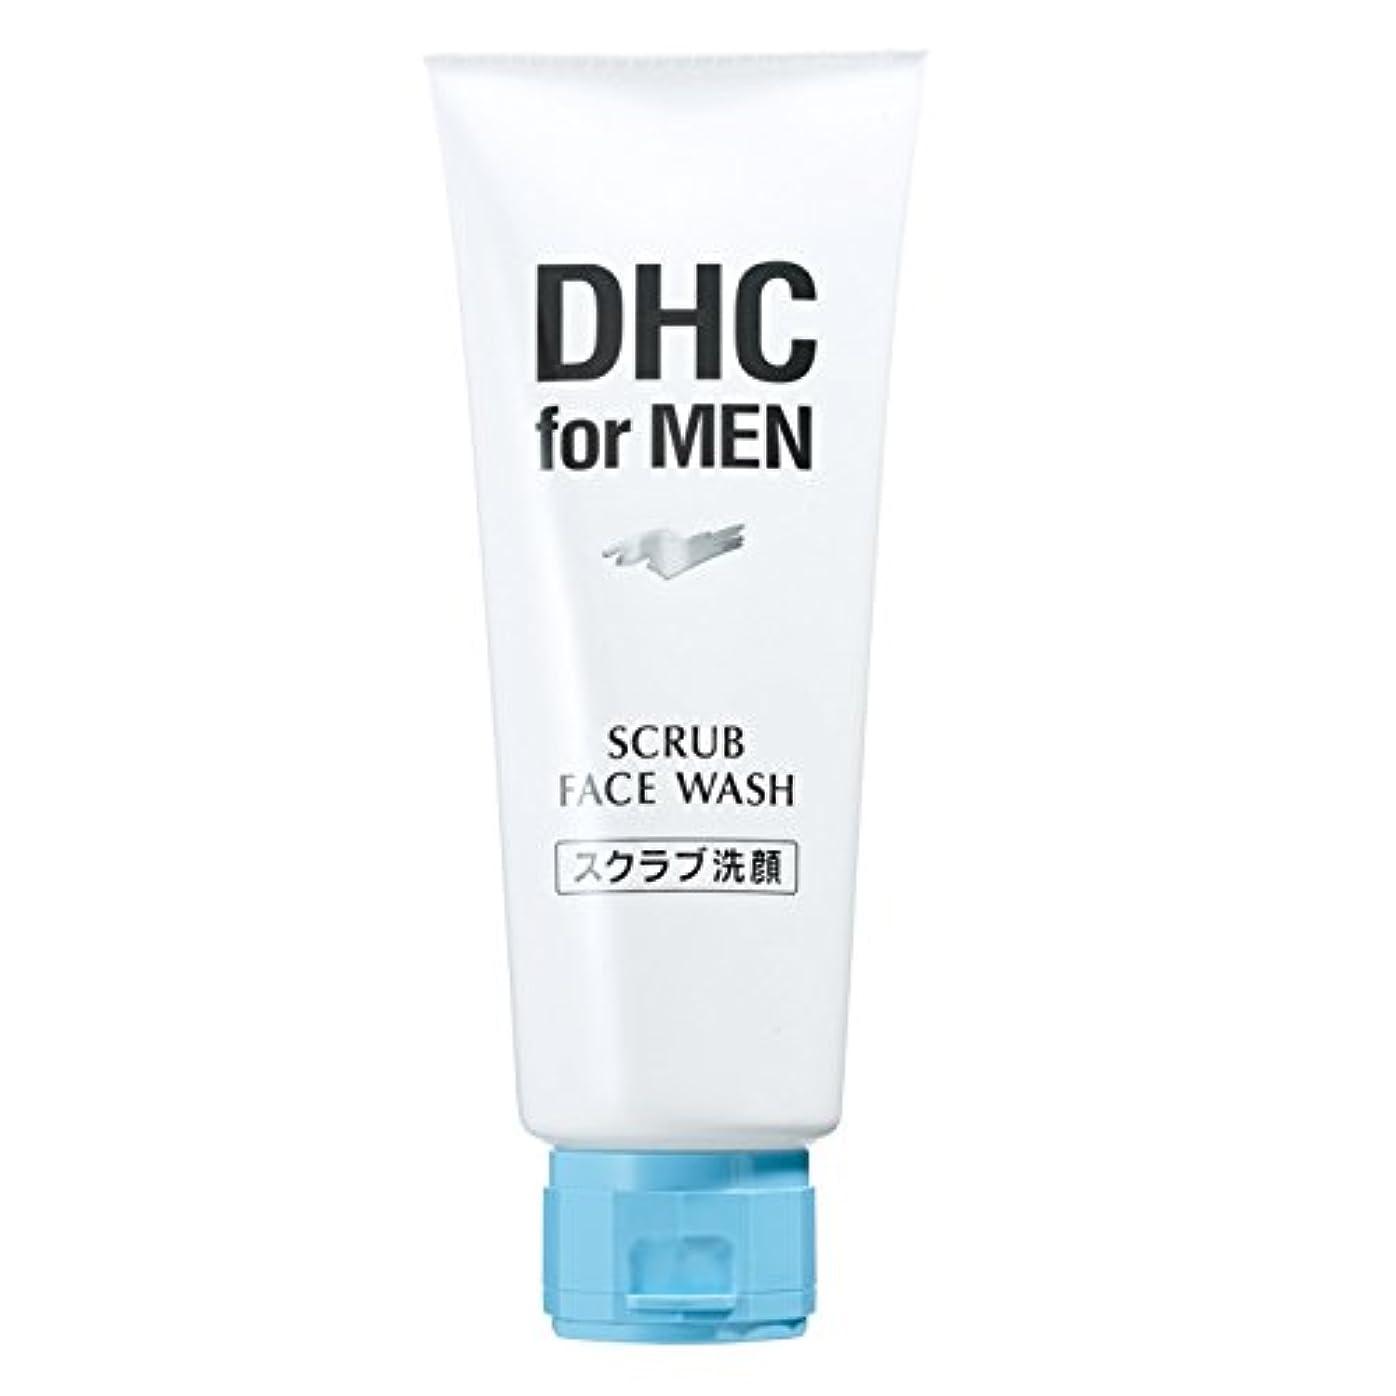 しっとり幼児有毒DHC スクラブ フェース ウォッシュ 【DHC for MEN】